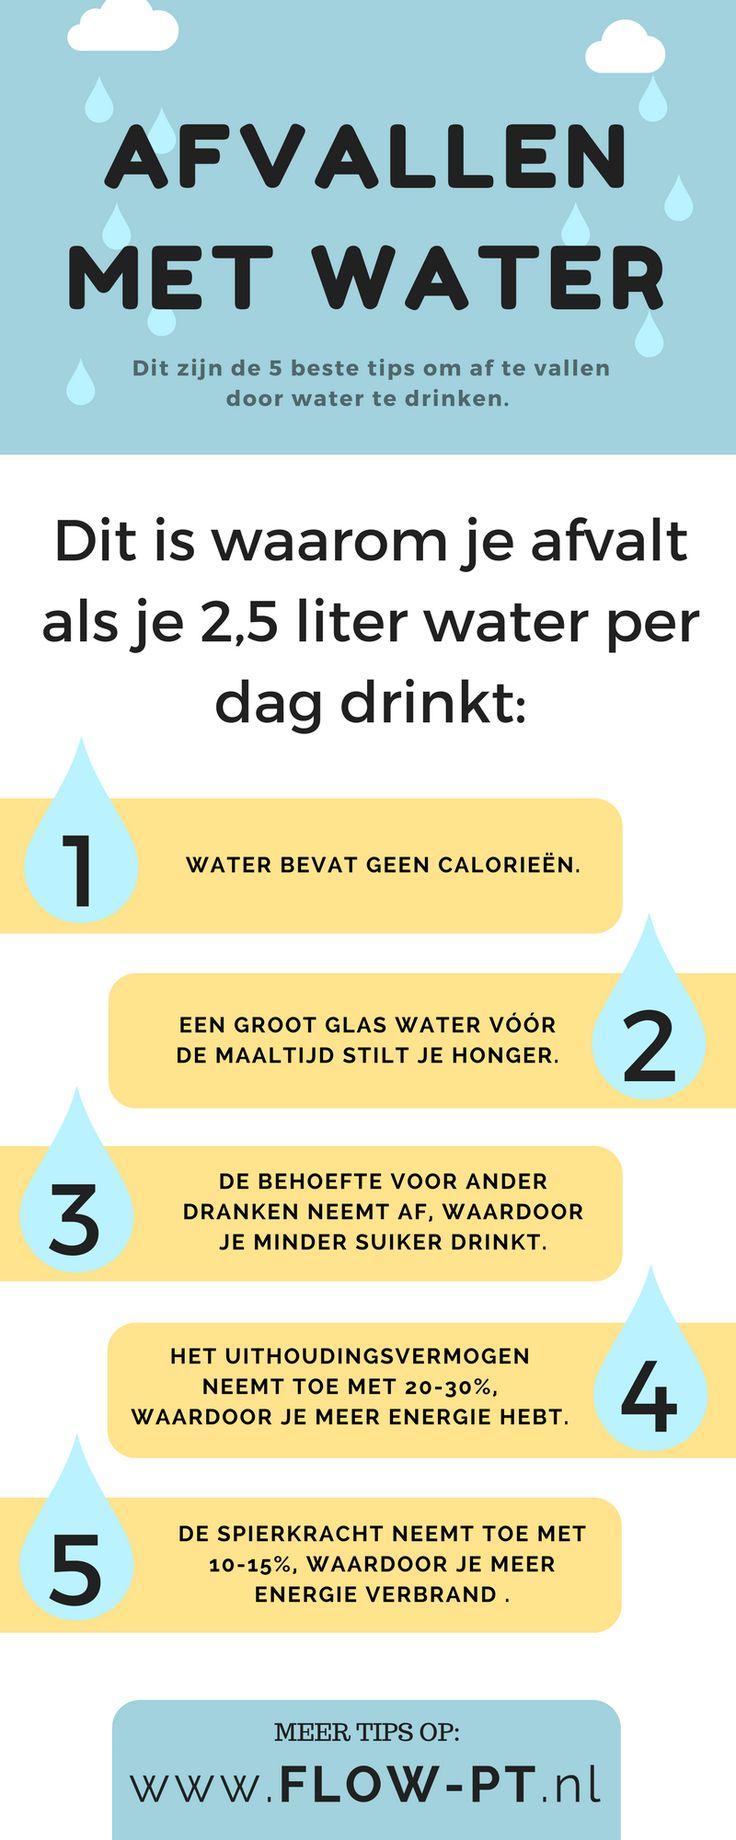 Door 2,5 liter water per dag te drinken val je na 2 weken 2 kilo af. Wil je meer eer gezondheid tips? Volg mij op Pinterest!